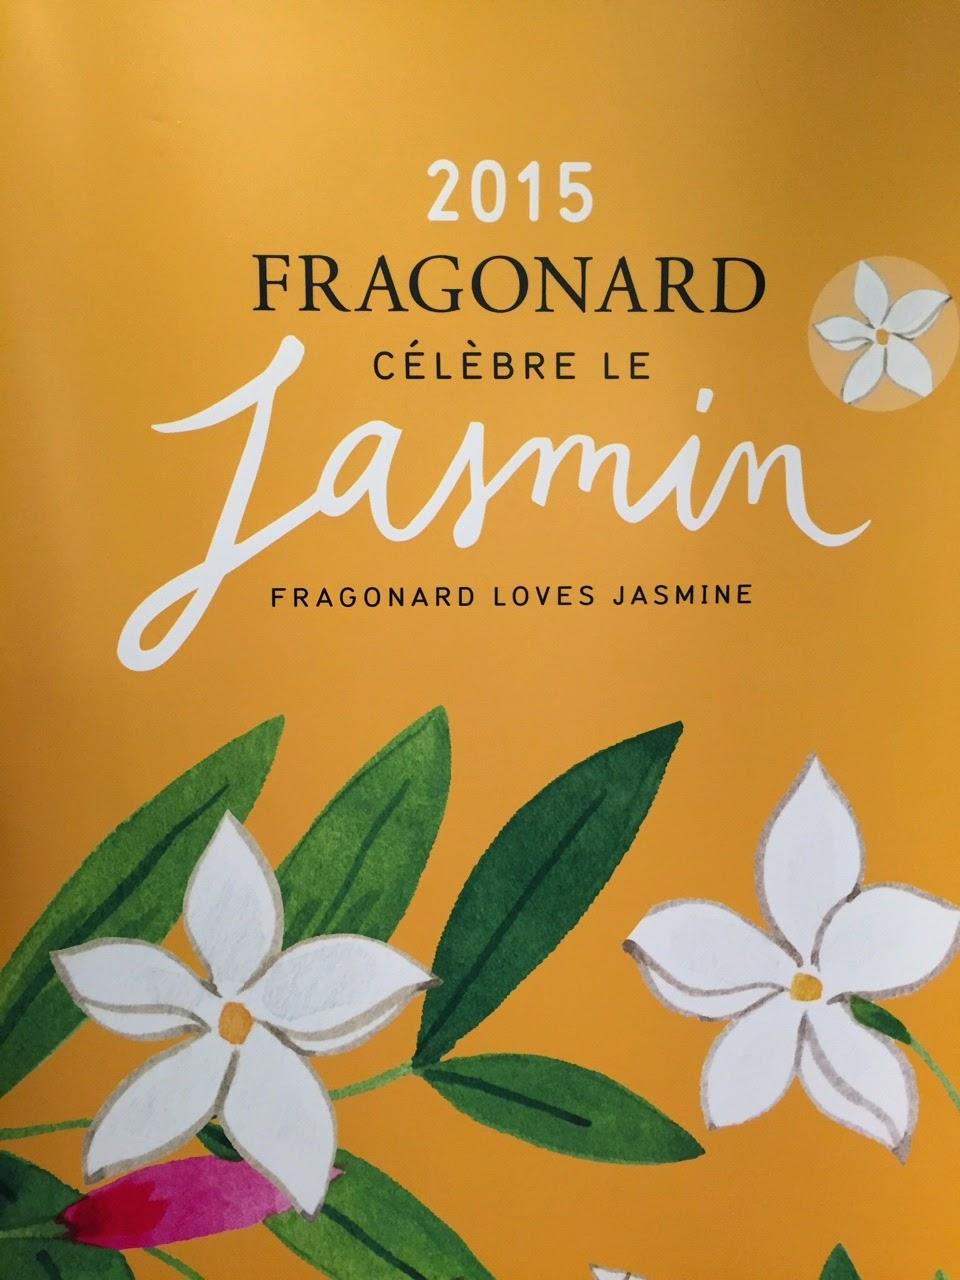 Fragonard celebrates jasmine in 2015